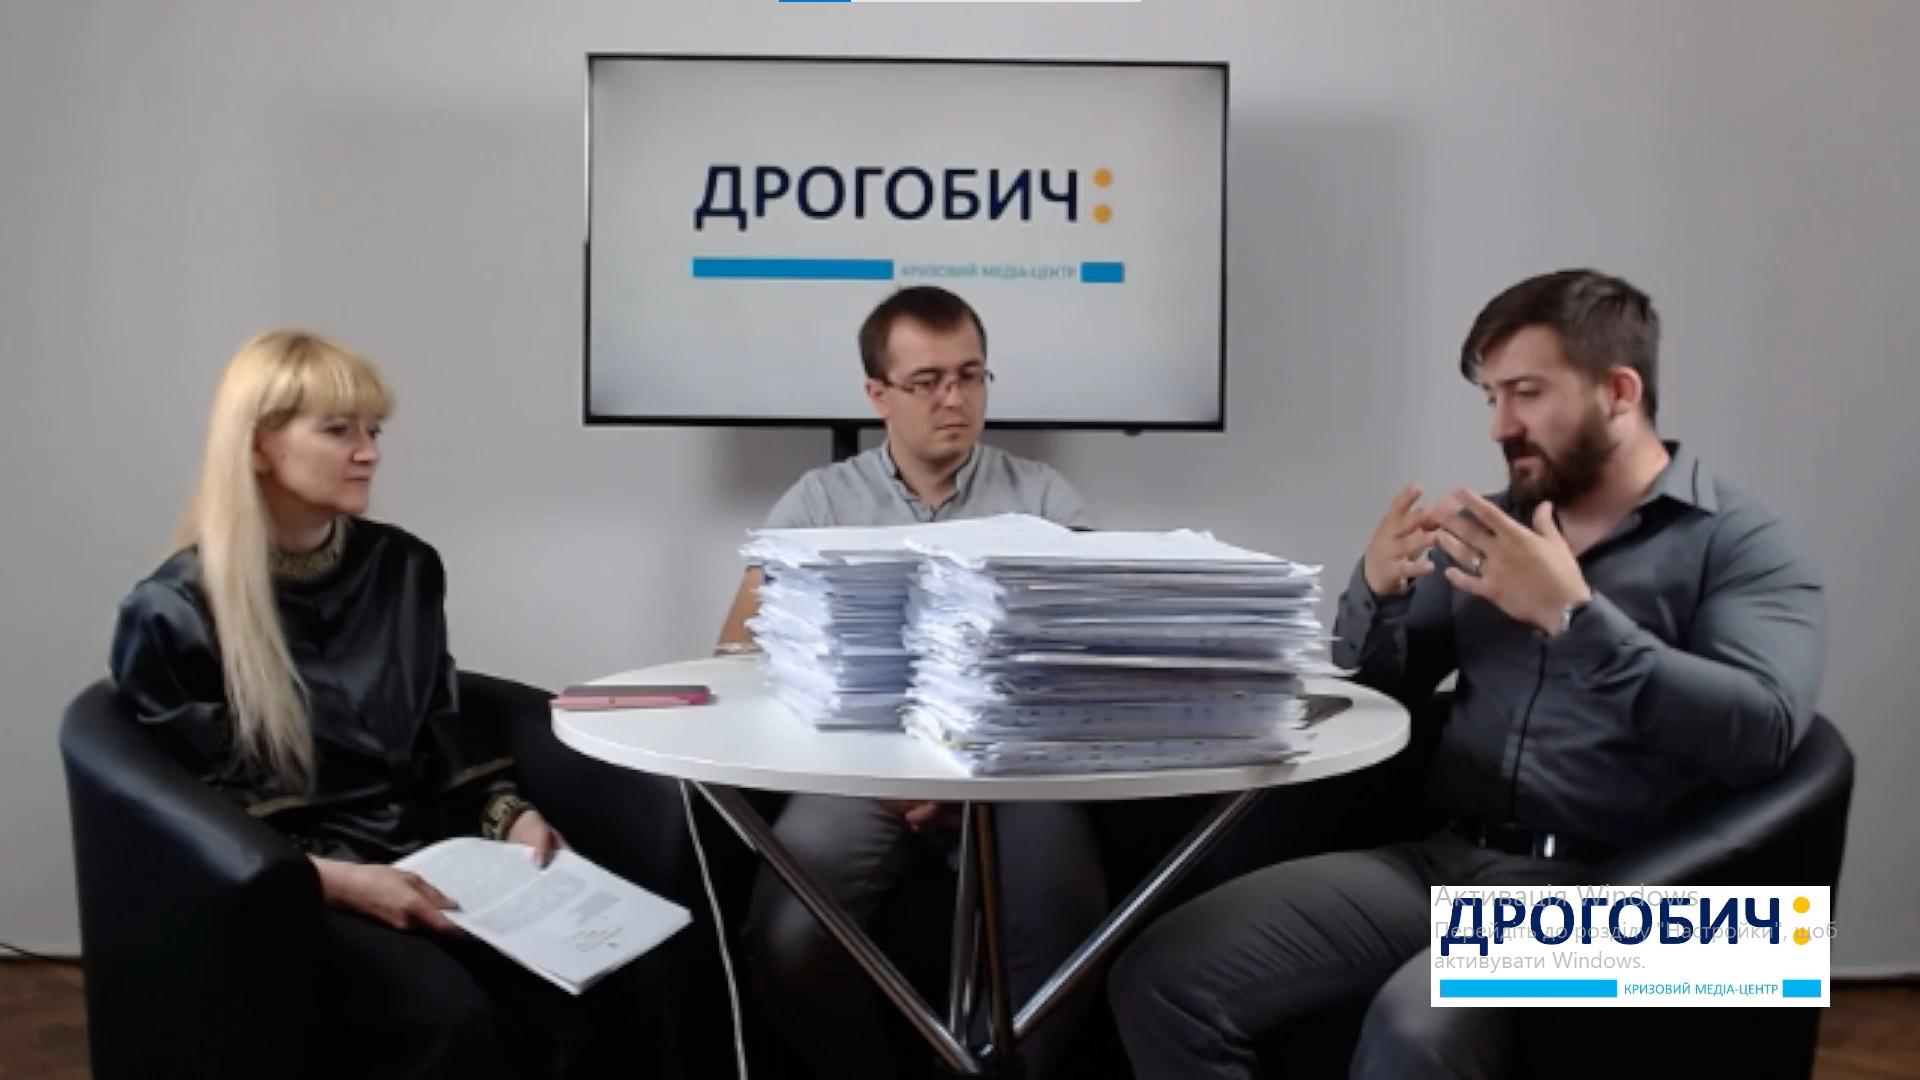 """МЦ """"Дрогобич:"""". Відновлення процедури затвердження проектів землеустрою щодо відведення земельних ділянок"""